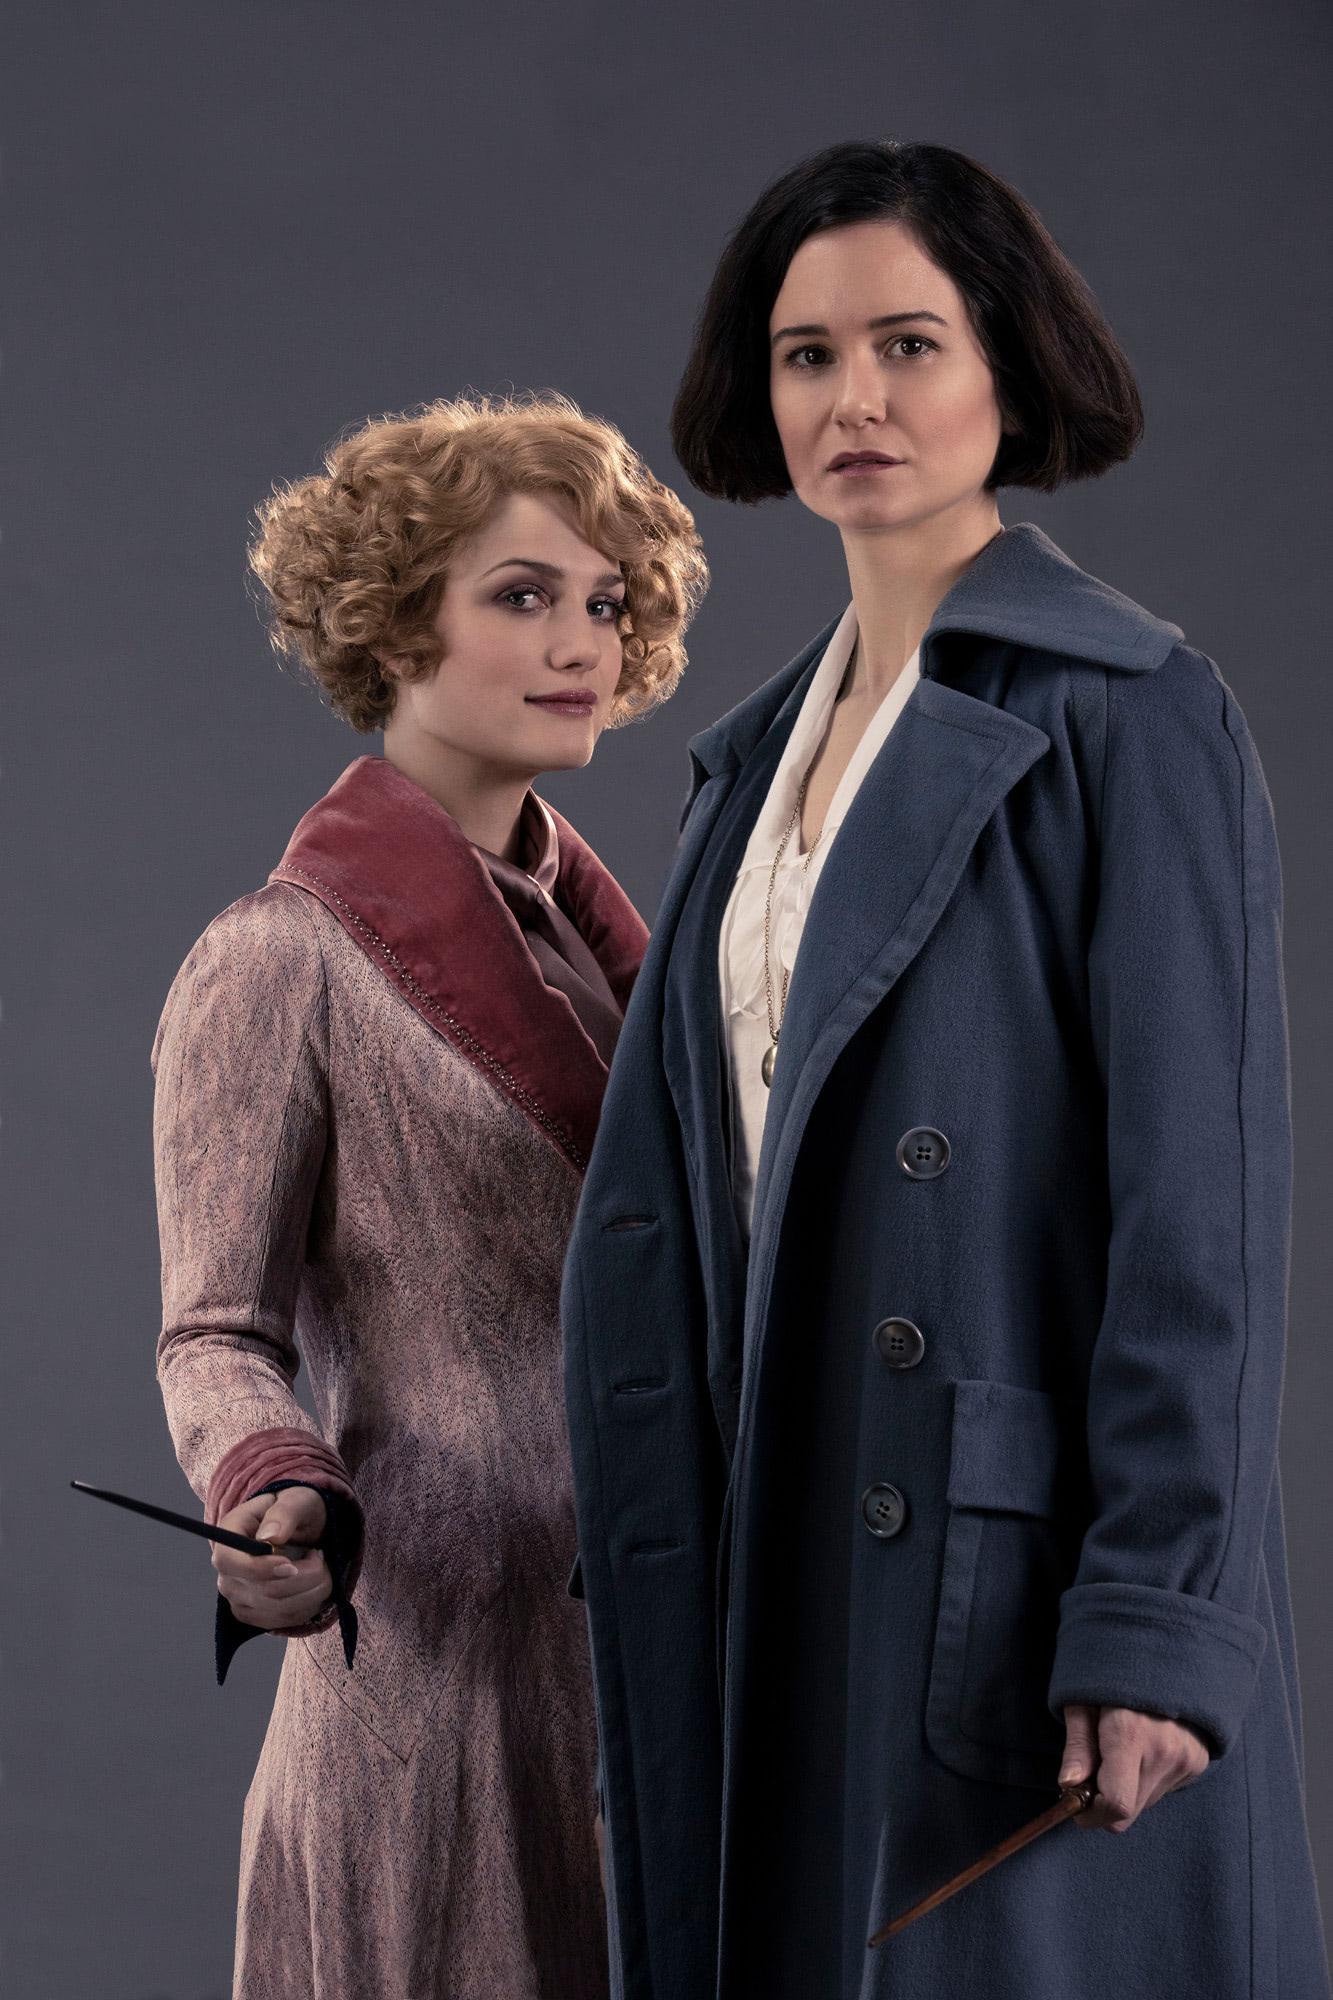 Queenie and Tina Goldstein